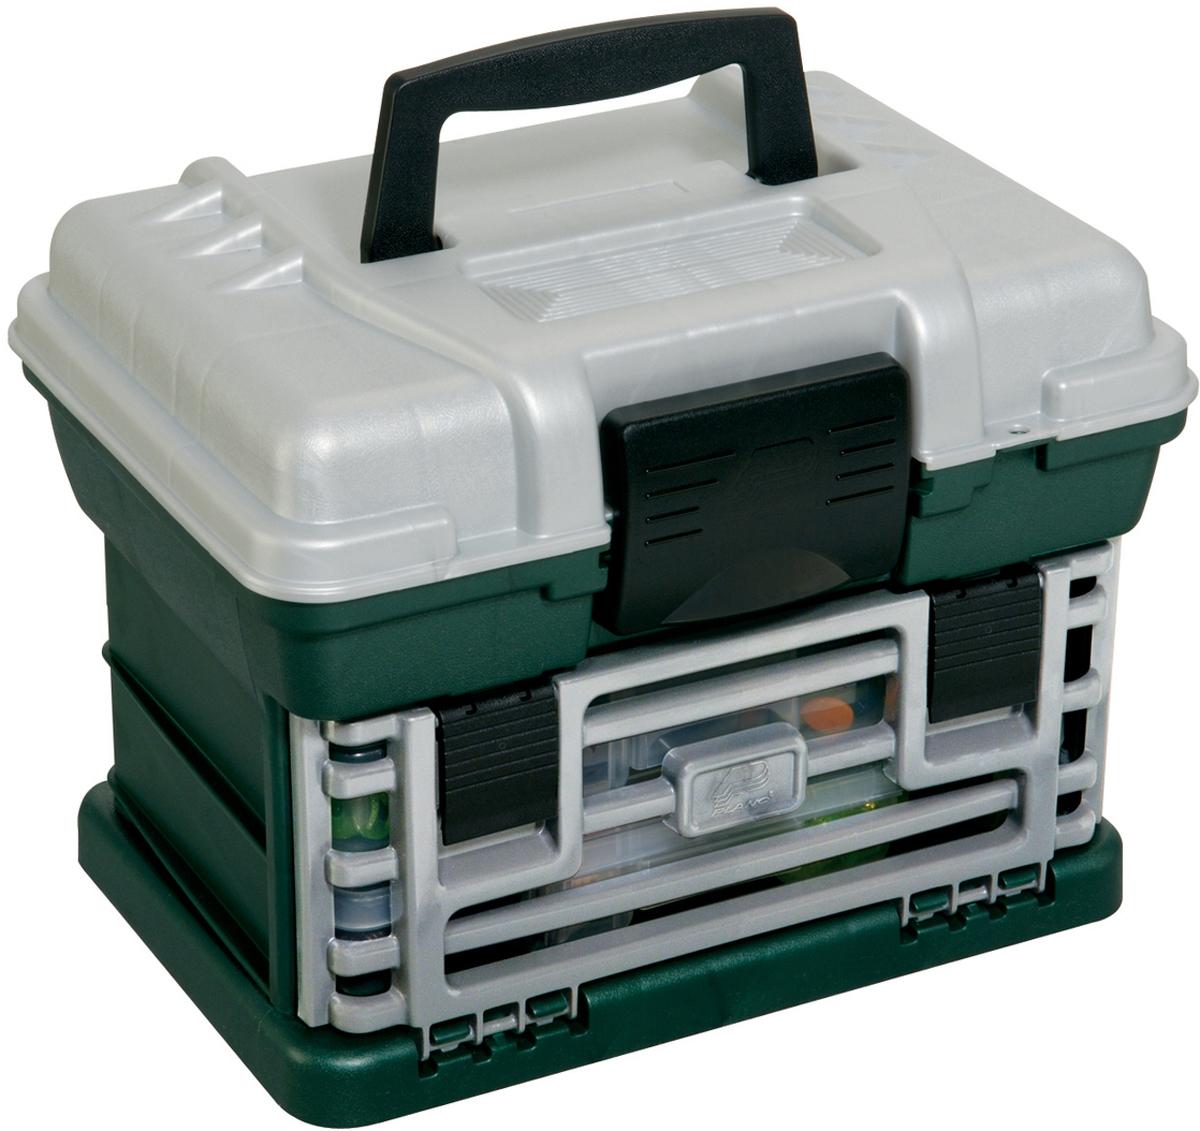 Ящик рыболовный Plano, с верхним отсеком для аксессуаров, цвет: зеленый. 1362-00